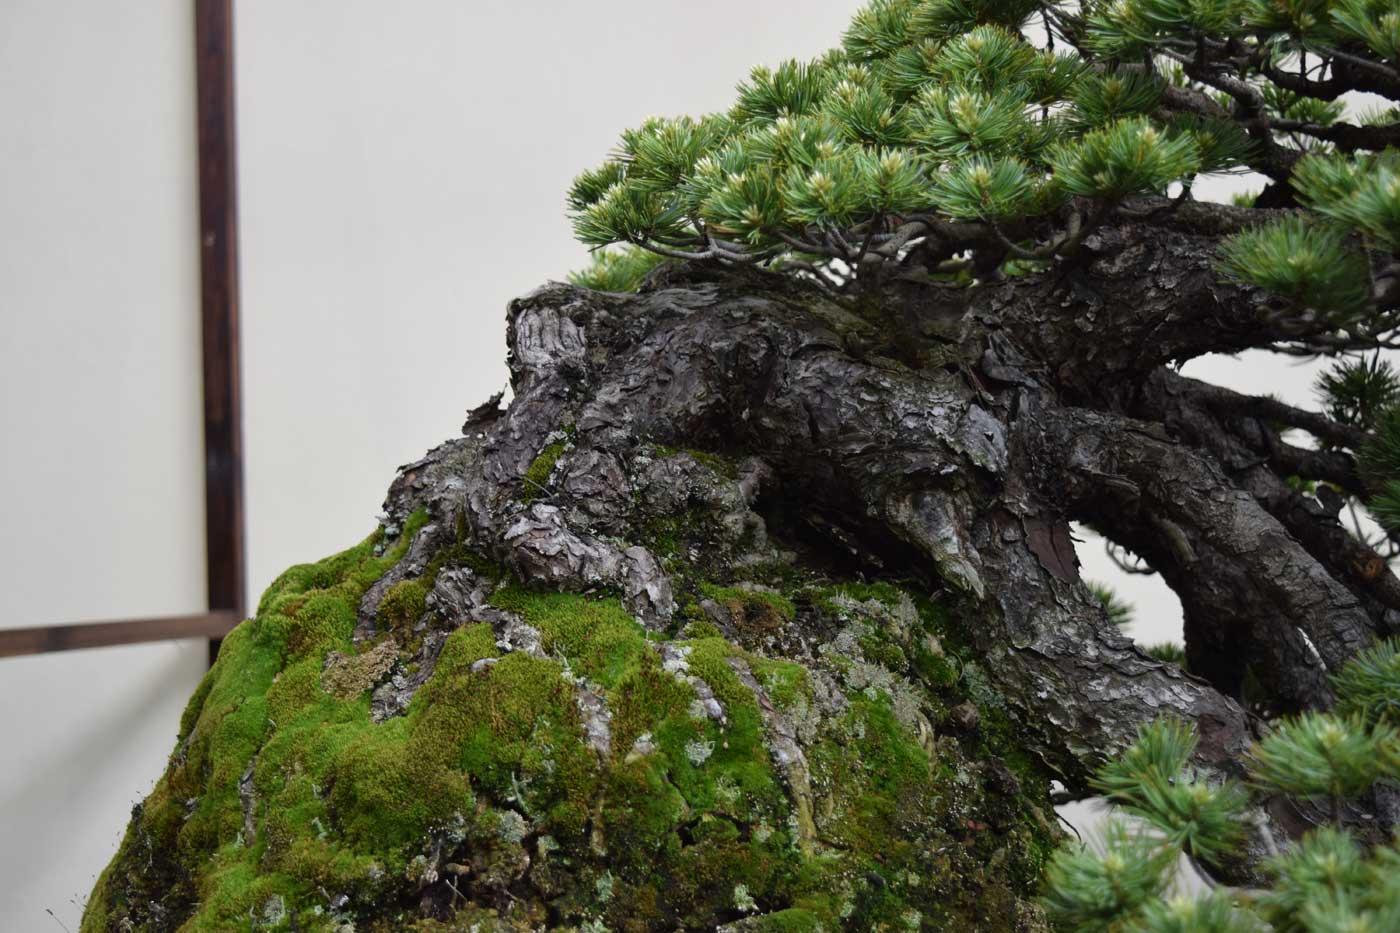 Effetto <i>nebari</i> (radici esposte) su un pino nero giapponese.